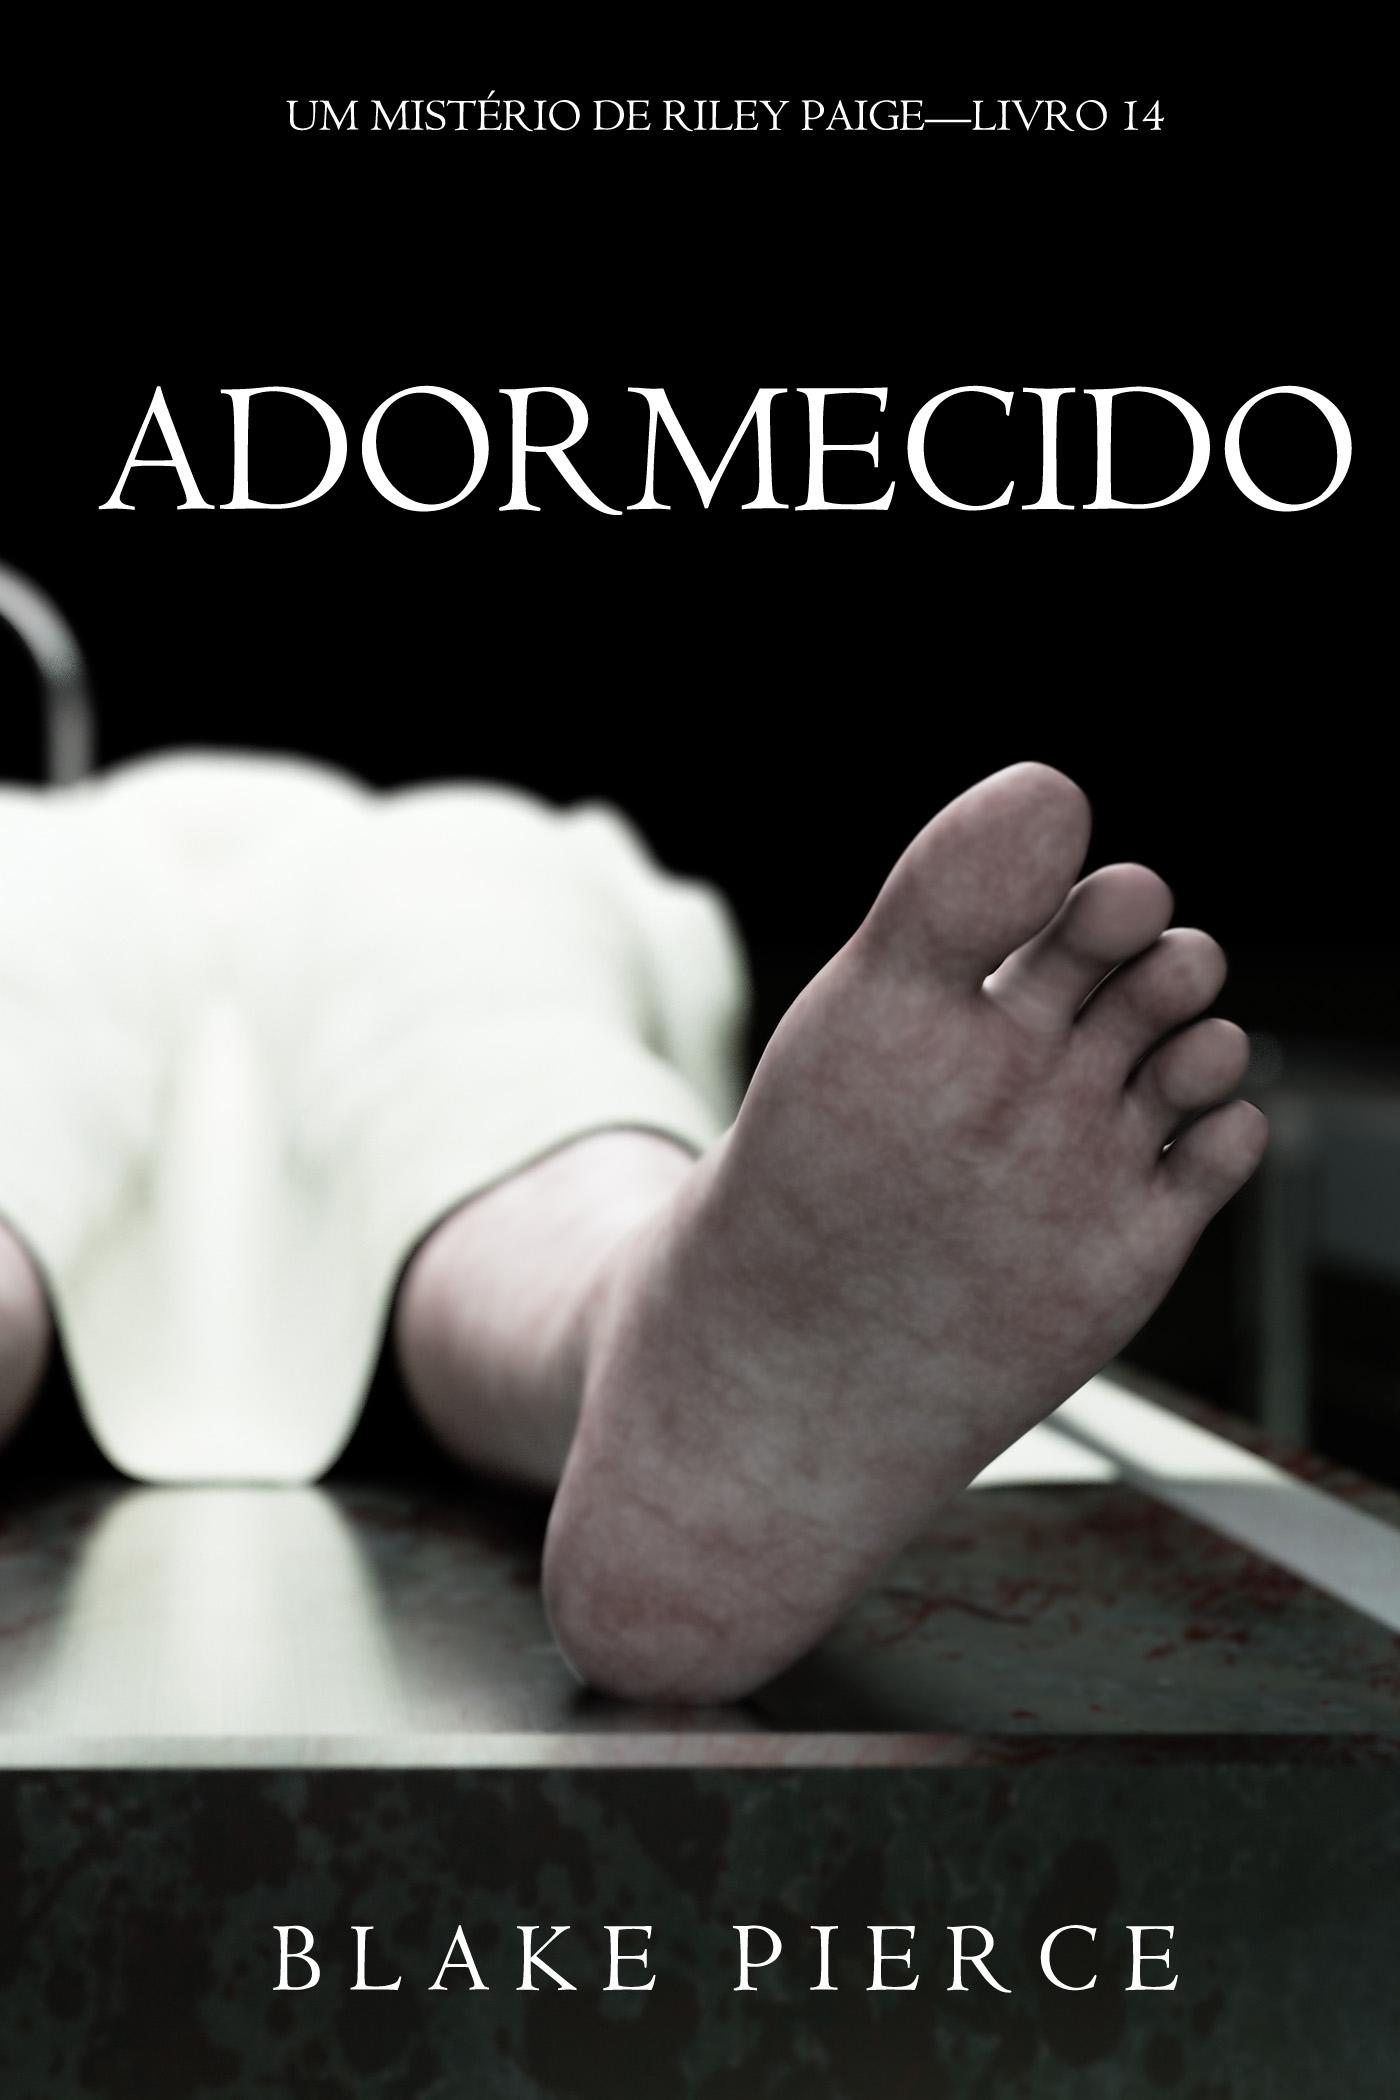 Блейк Пирс Adormecido antonio gomes d azevedo sampaio um livro util e agradavel em forma de almanach 1889 jacarehy provincia de sao paulo brazil portuguese edition